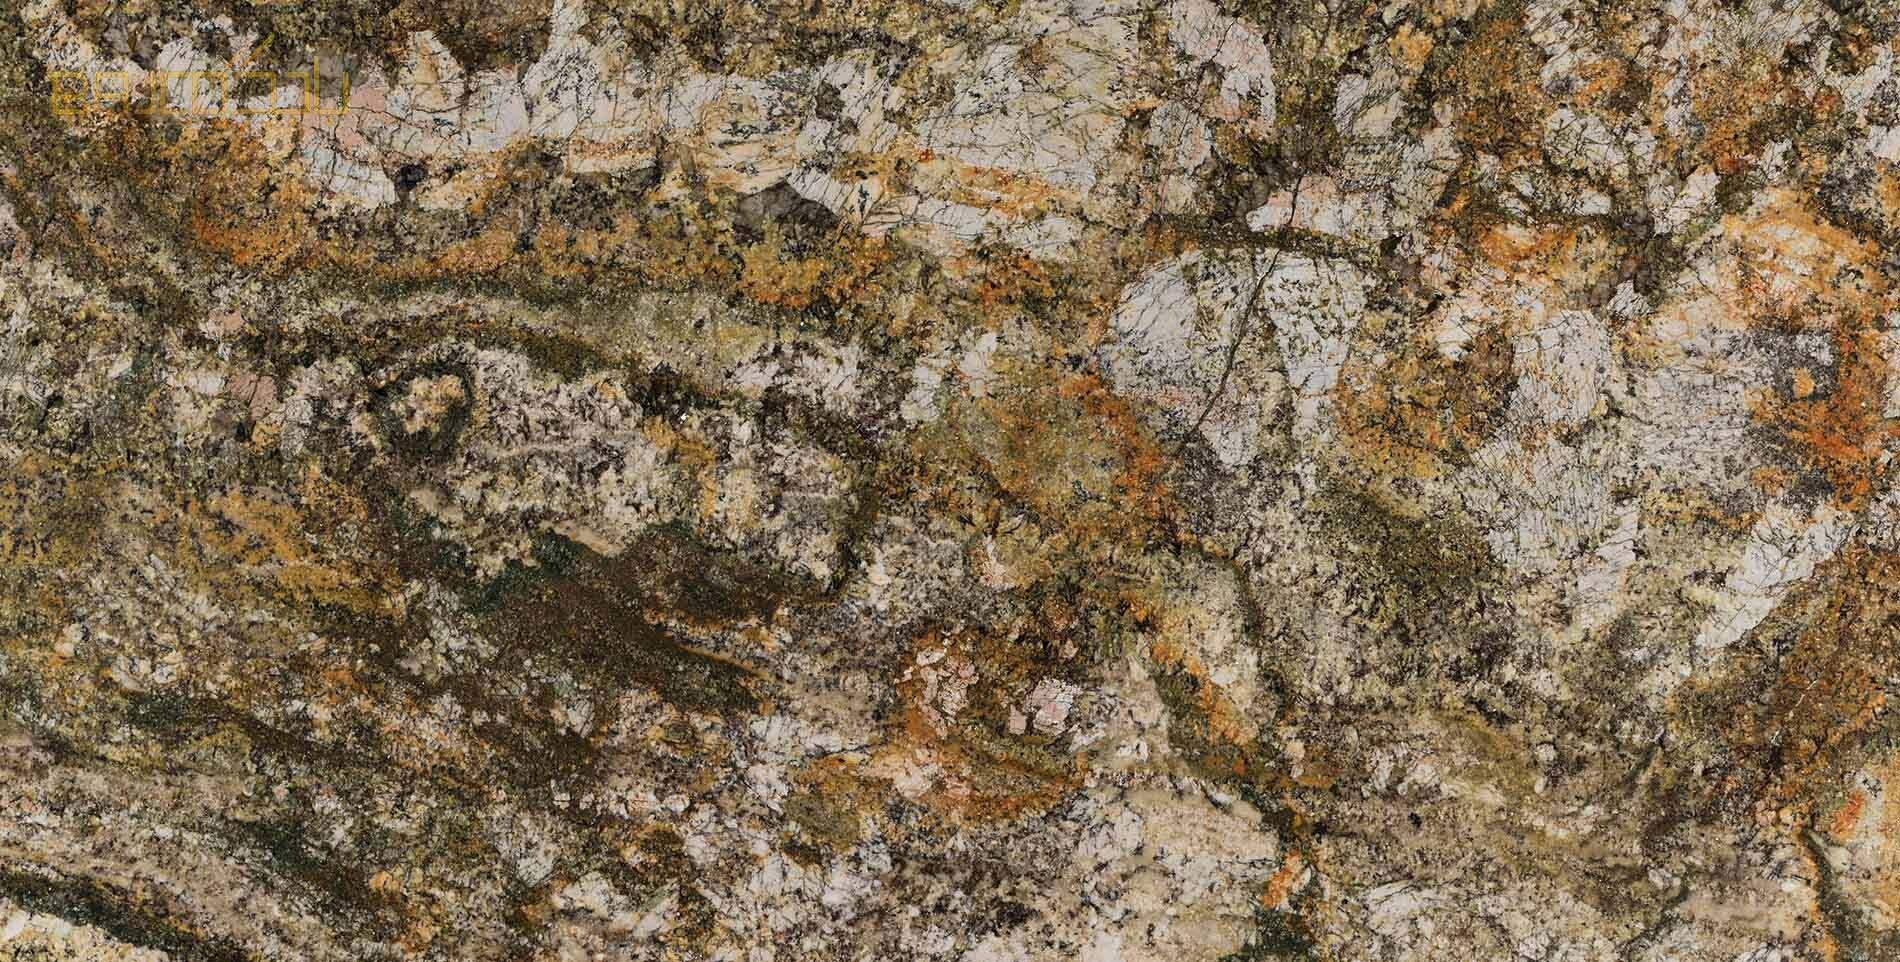 Maskaratus-ماسكيراتوس